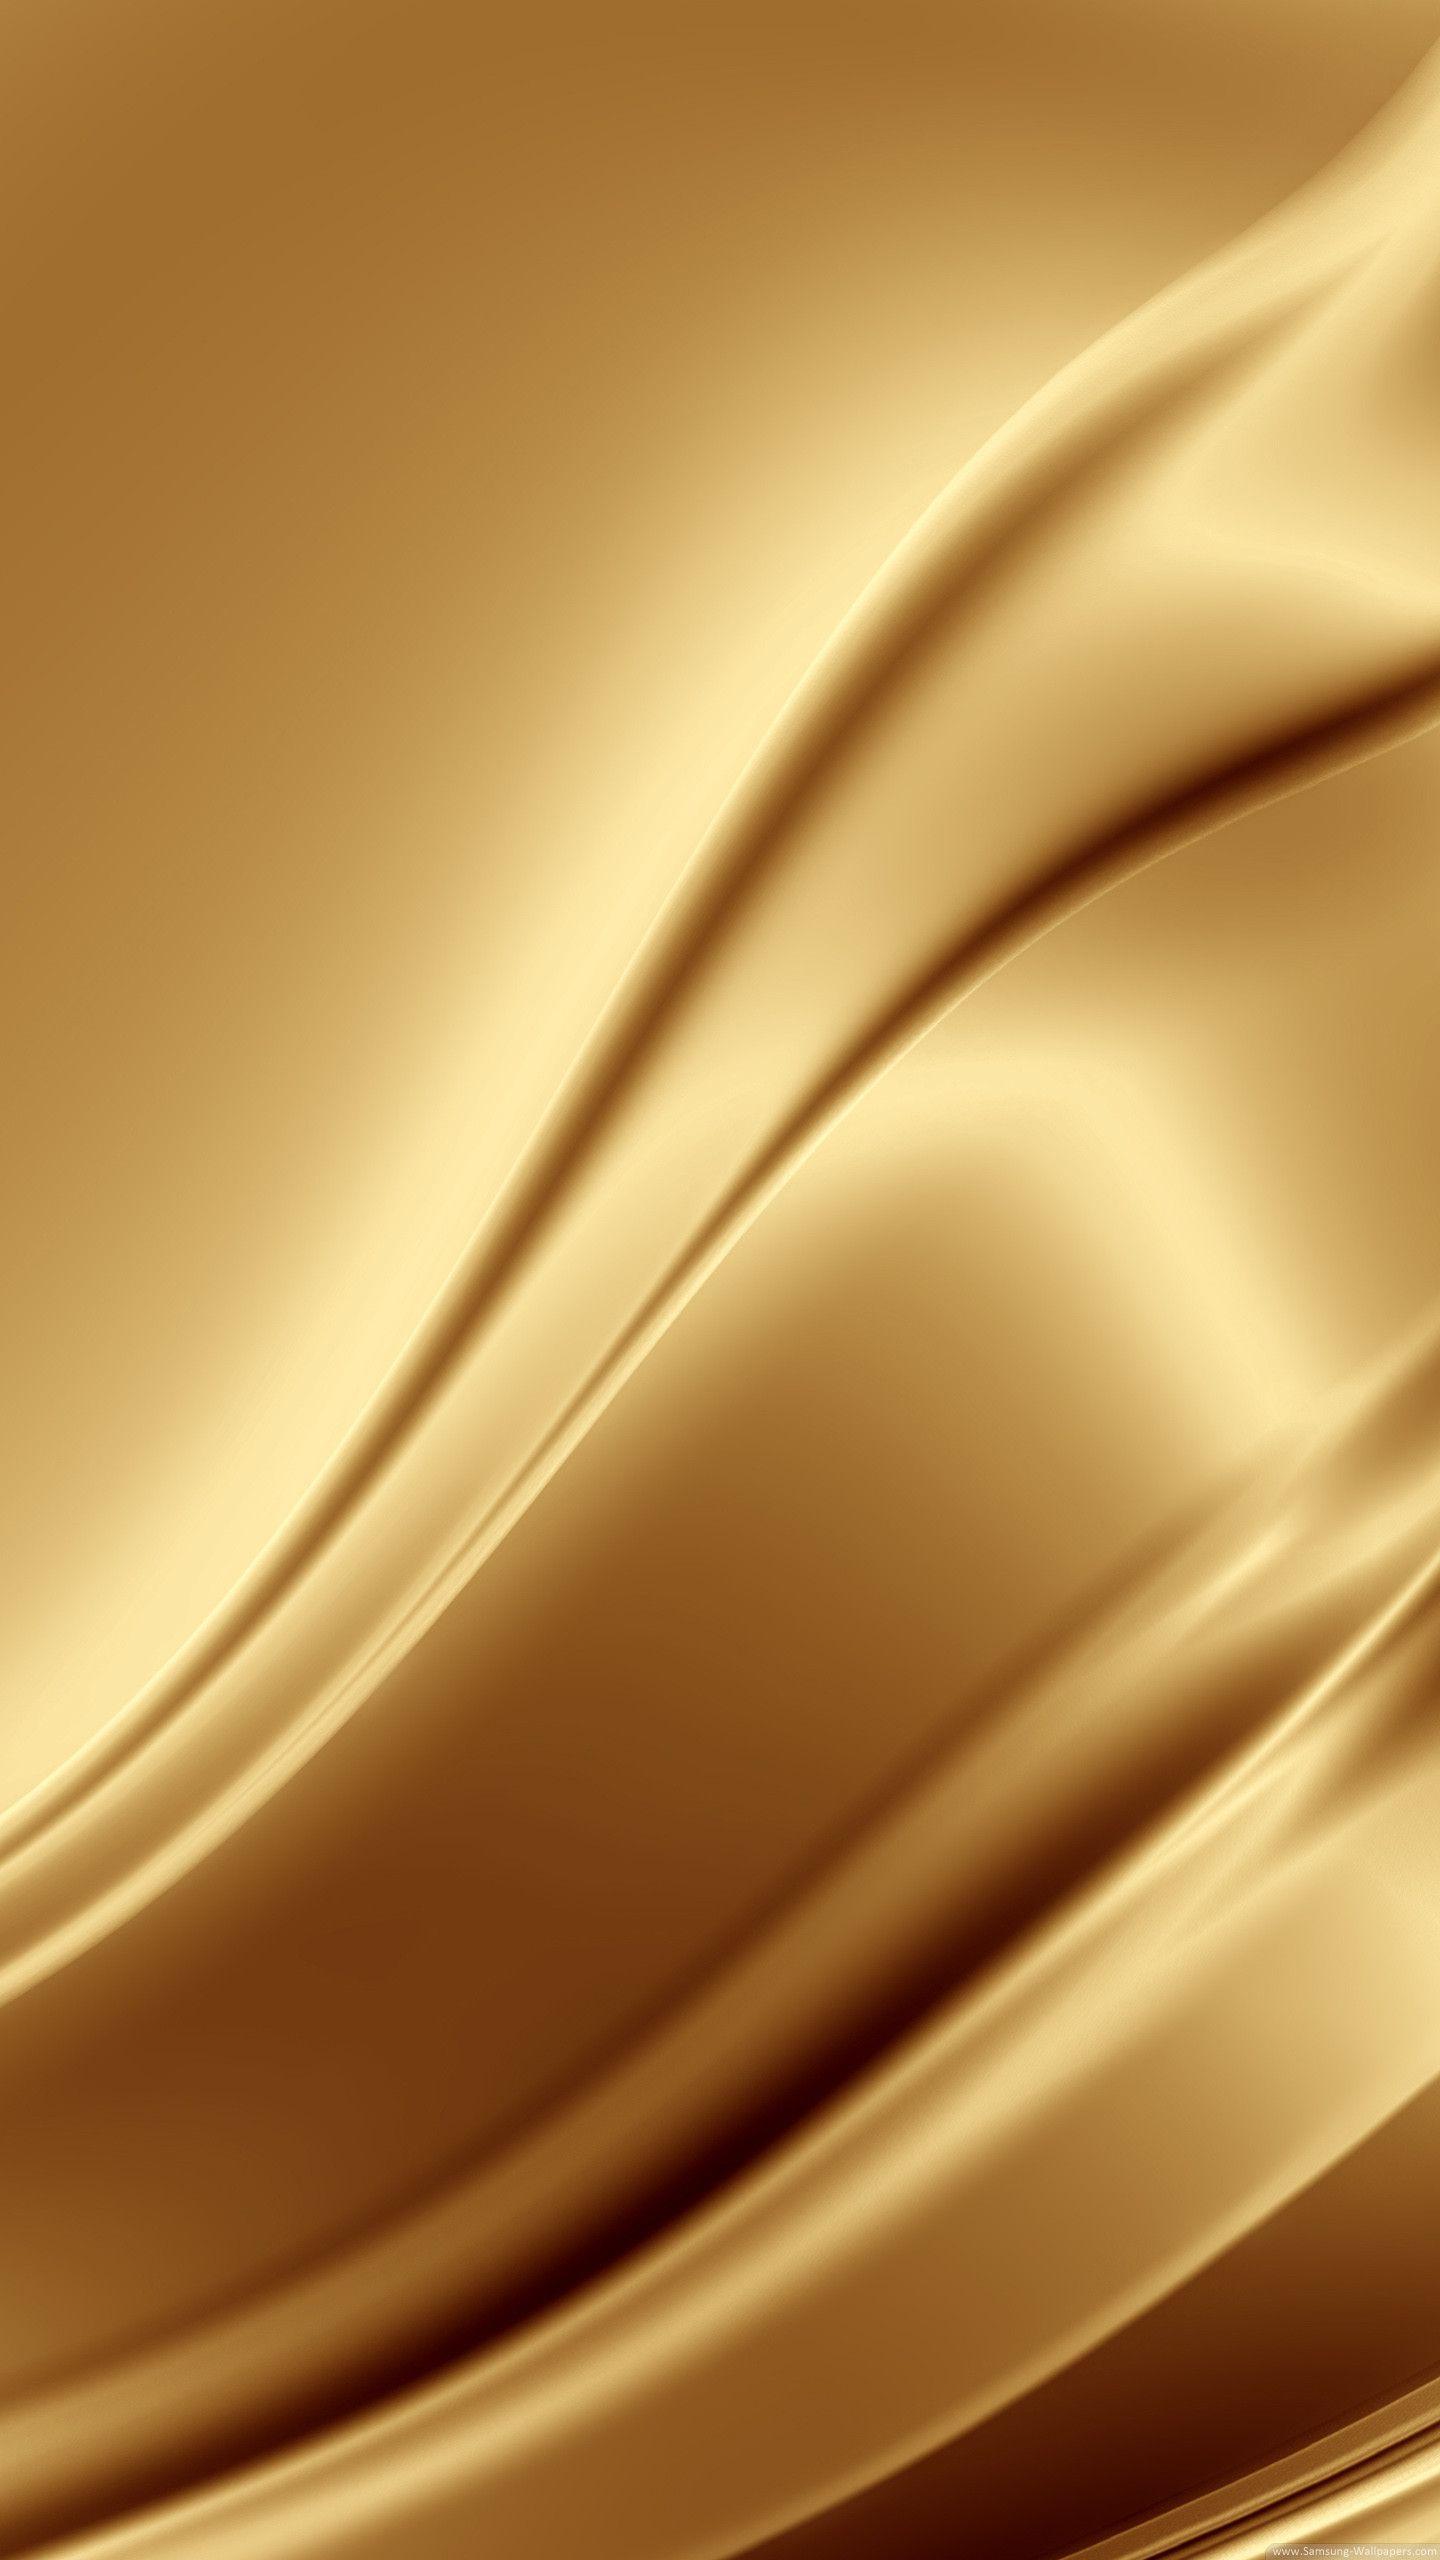 Gold Image Hd Wallpaper Golden Wallpaper Gold Wallpaper Gold Wallpaper Iphone